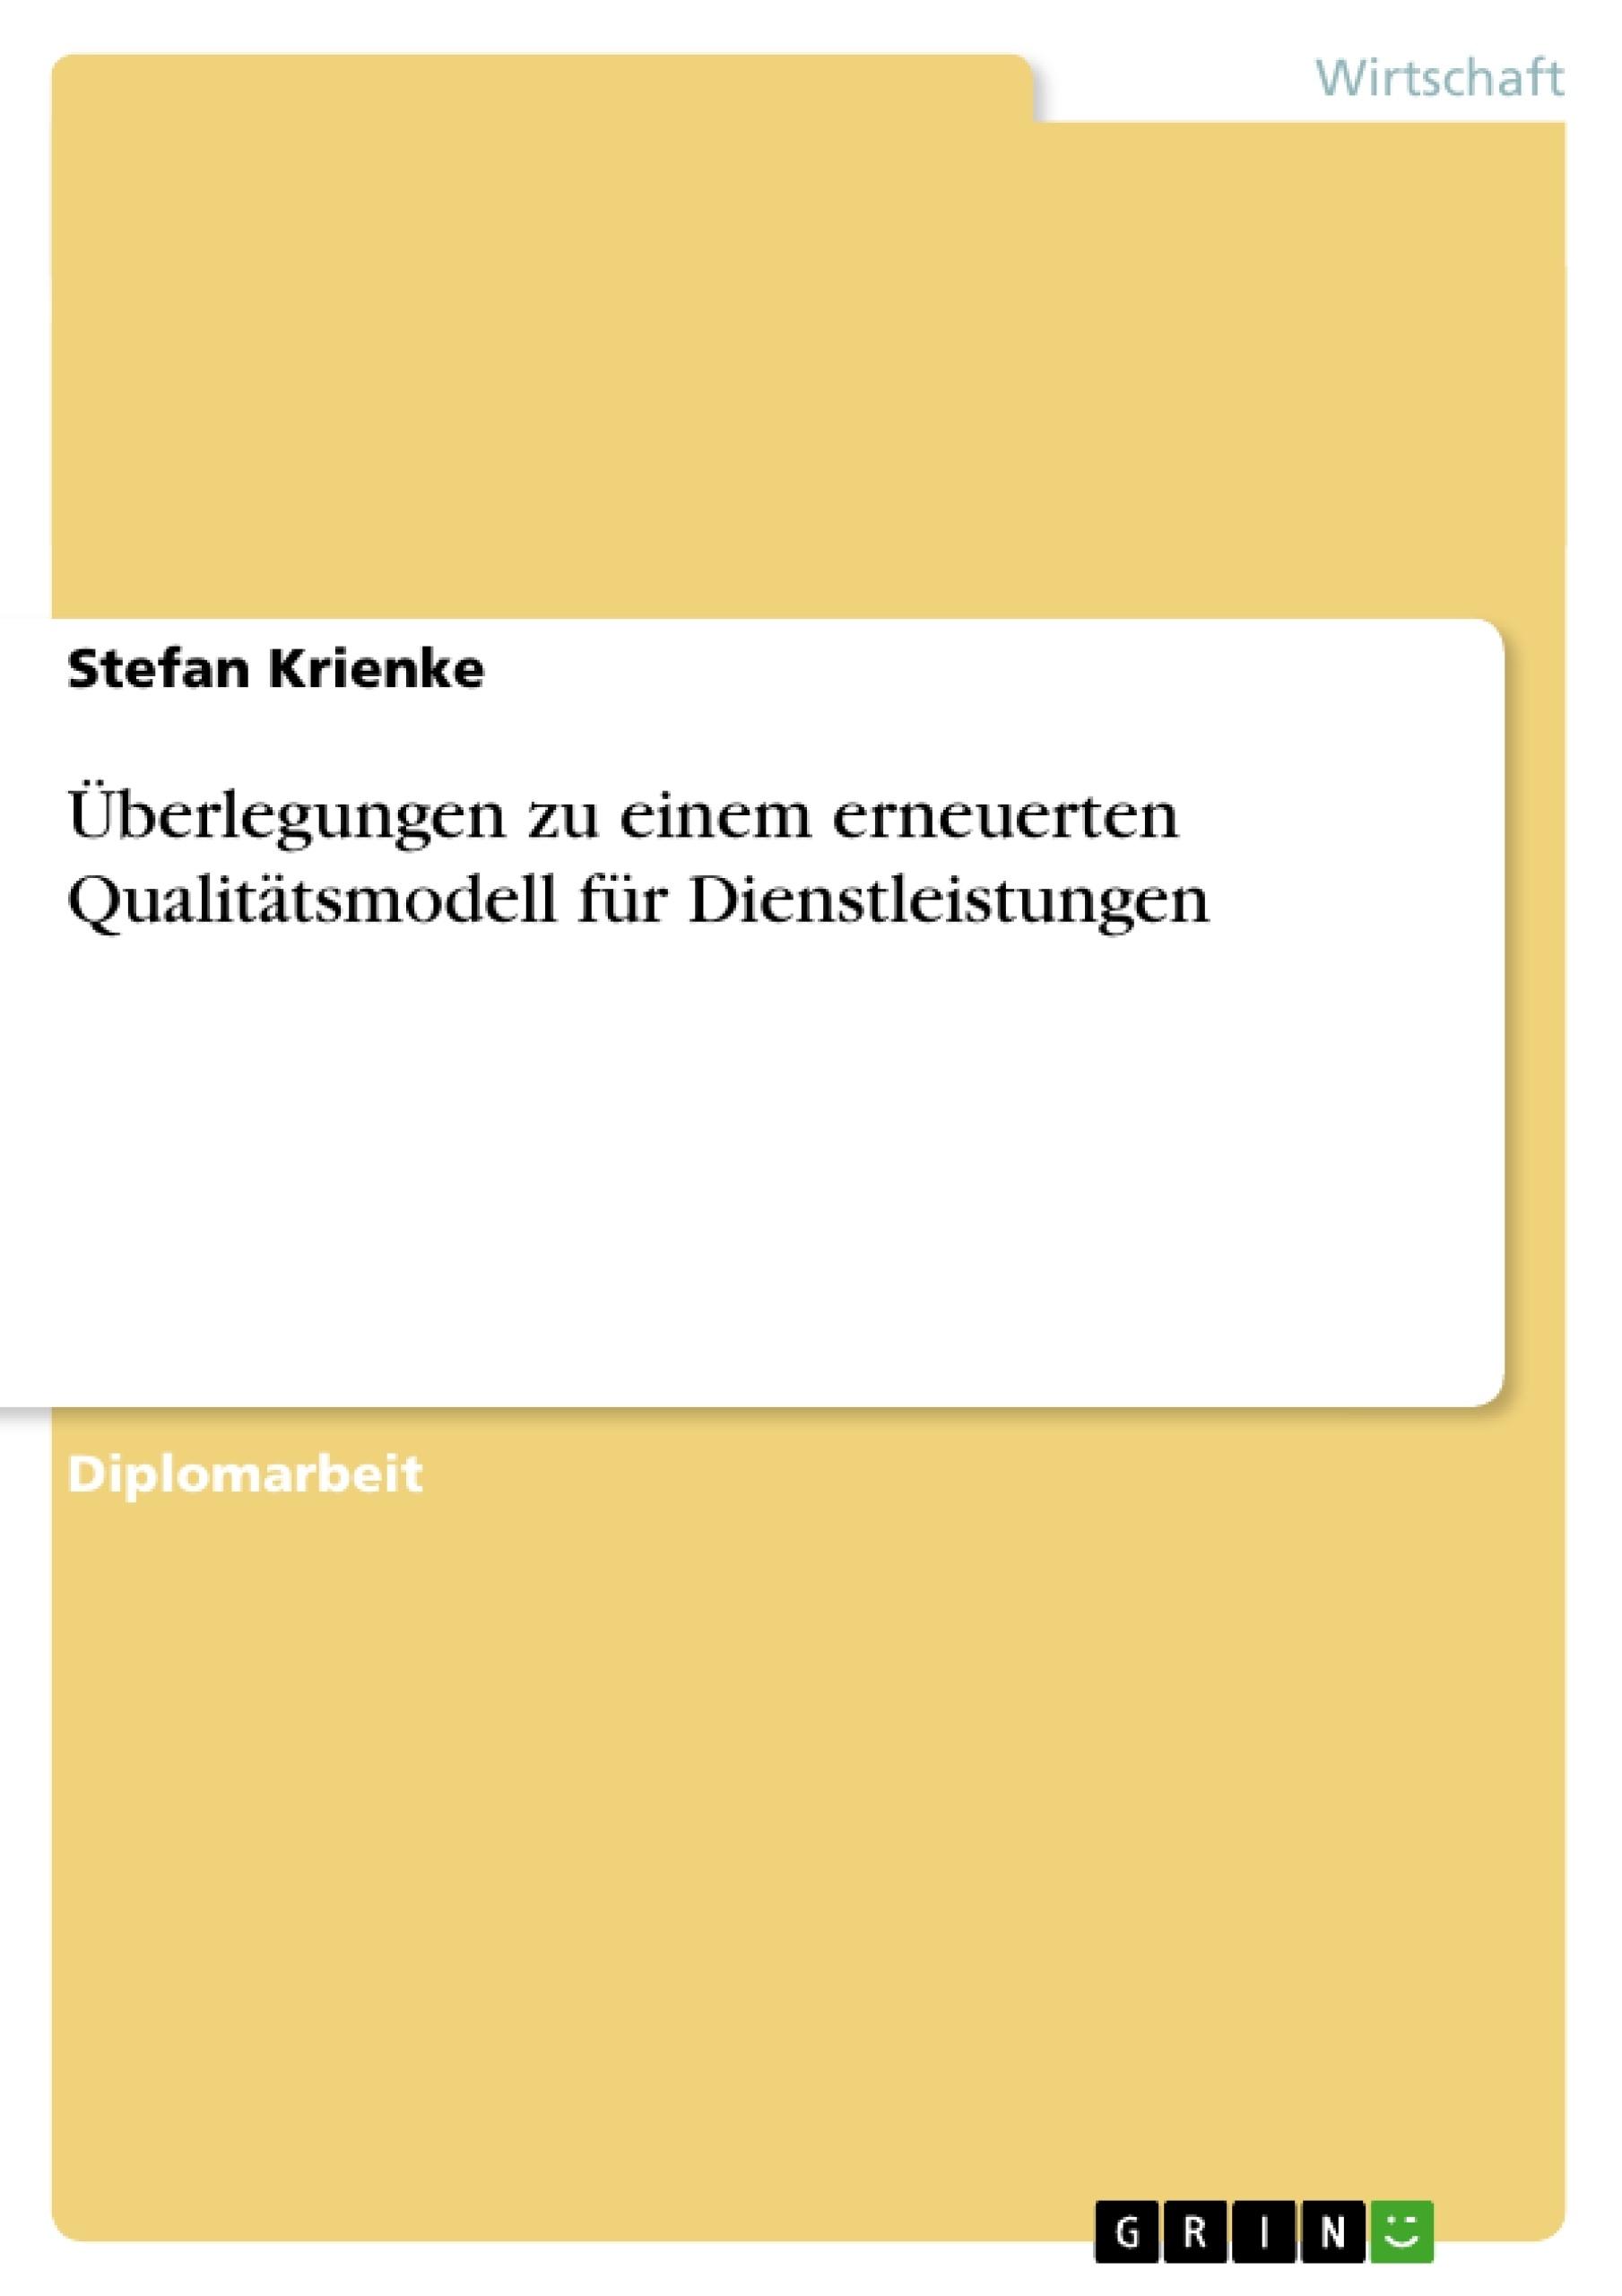 Titel: Überlegungen zu einem erneuerten  Qualitätsmodell für Dienstleistungen